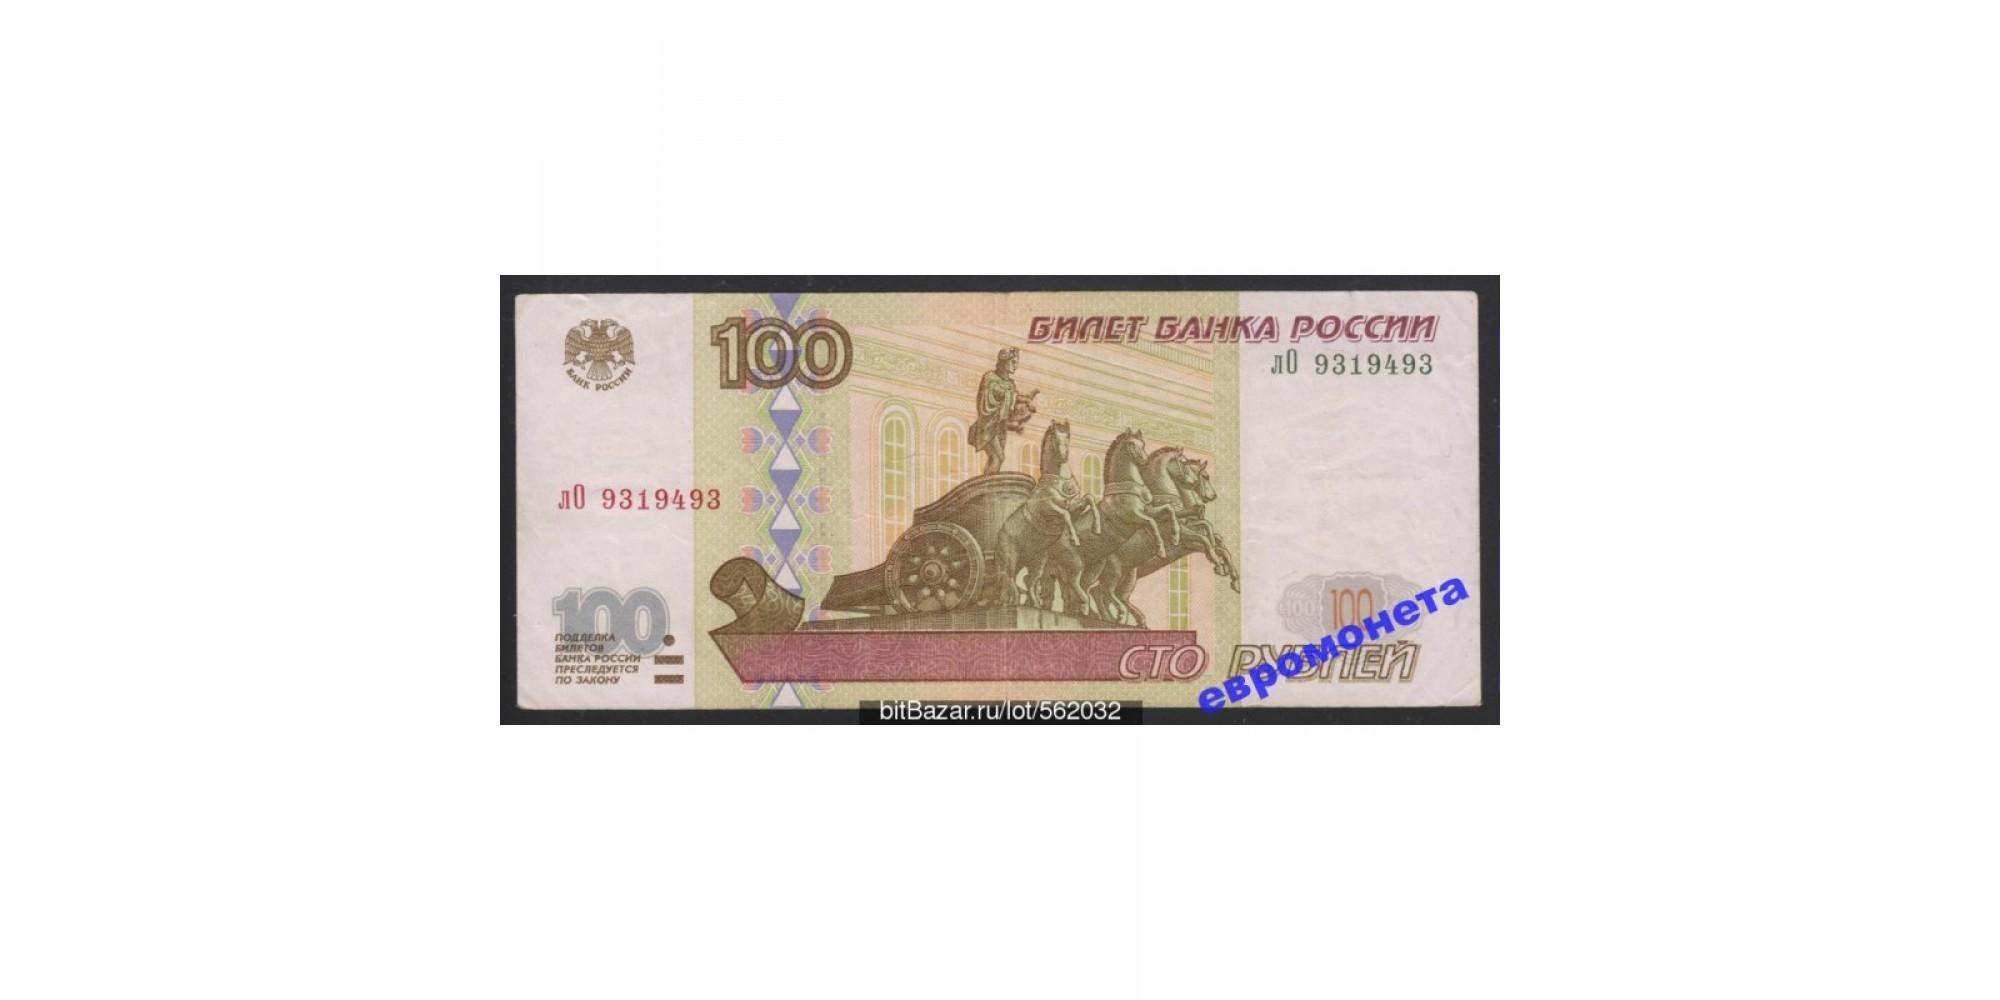 Россия 100 рублей 1997 год без модификации серия лО 9319493